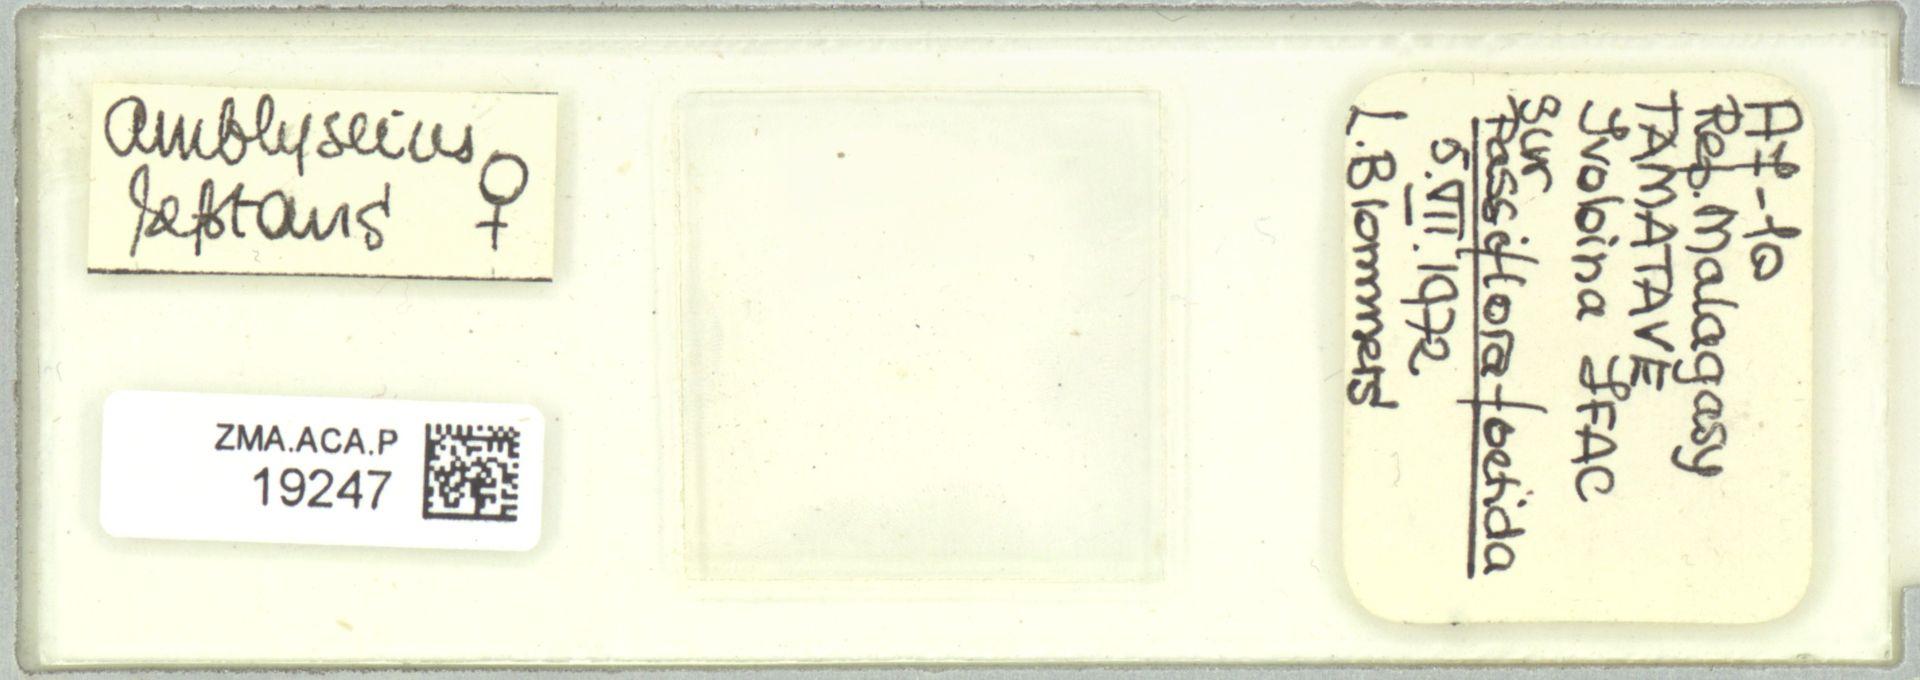 ZMA.ACA.P.19247   Scapulaseius reptans (Blommers, 1974)